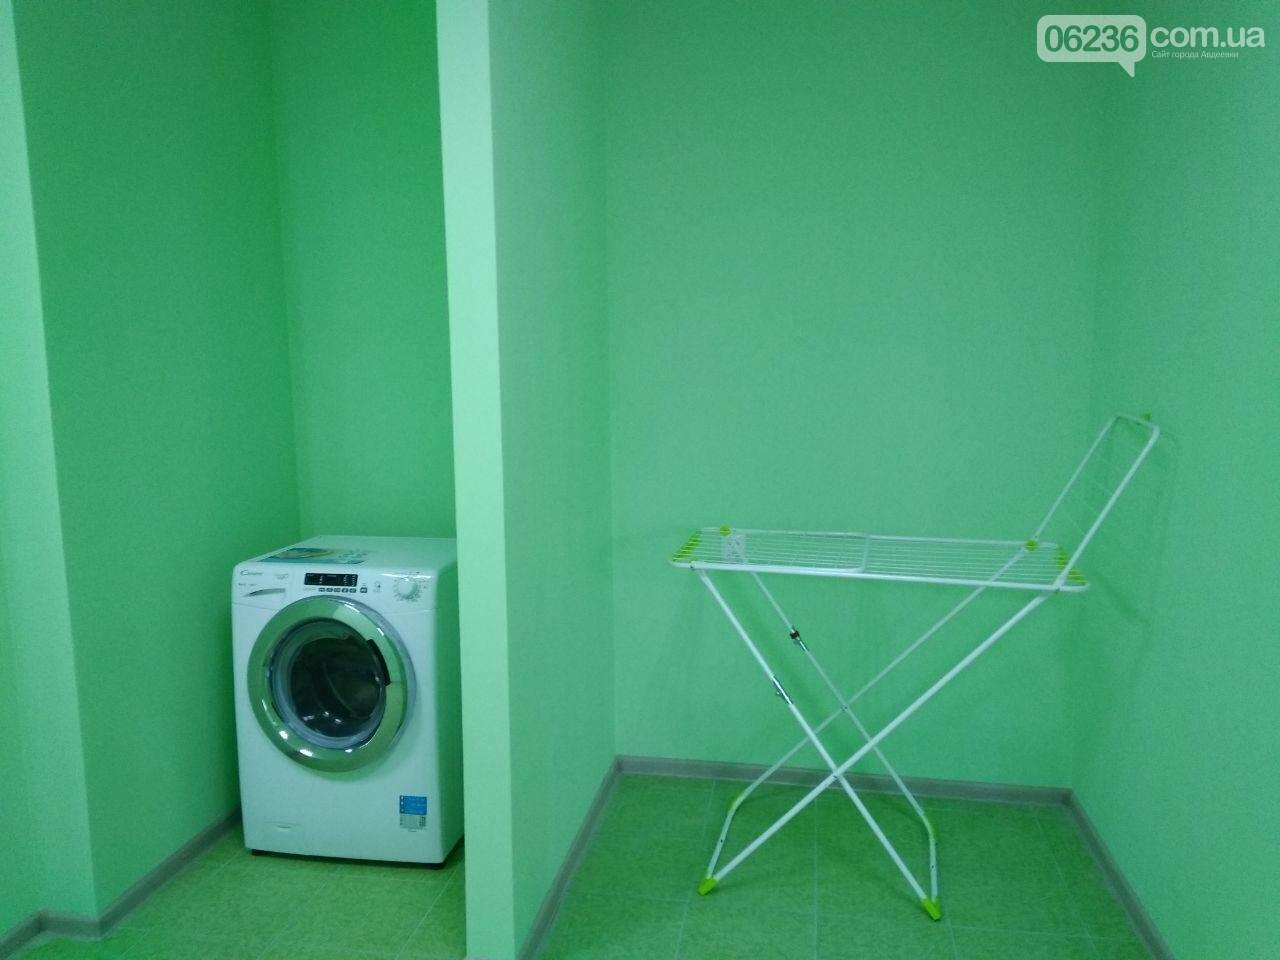 «Преобразим Авдеевку вместе!»: в центре реабилитации «Искорка» появилась современная санитарная комната (ФОТОФАКТ), фото-2